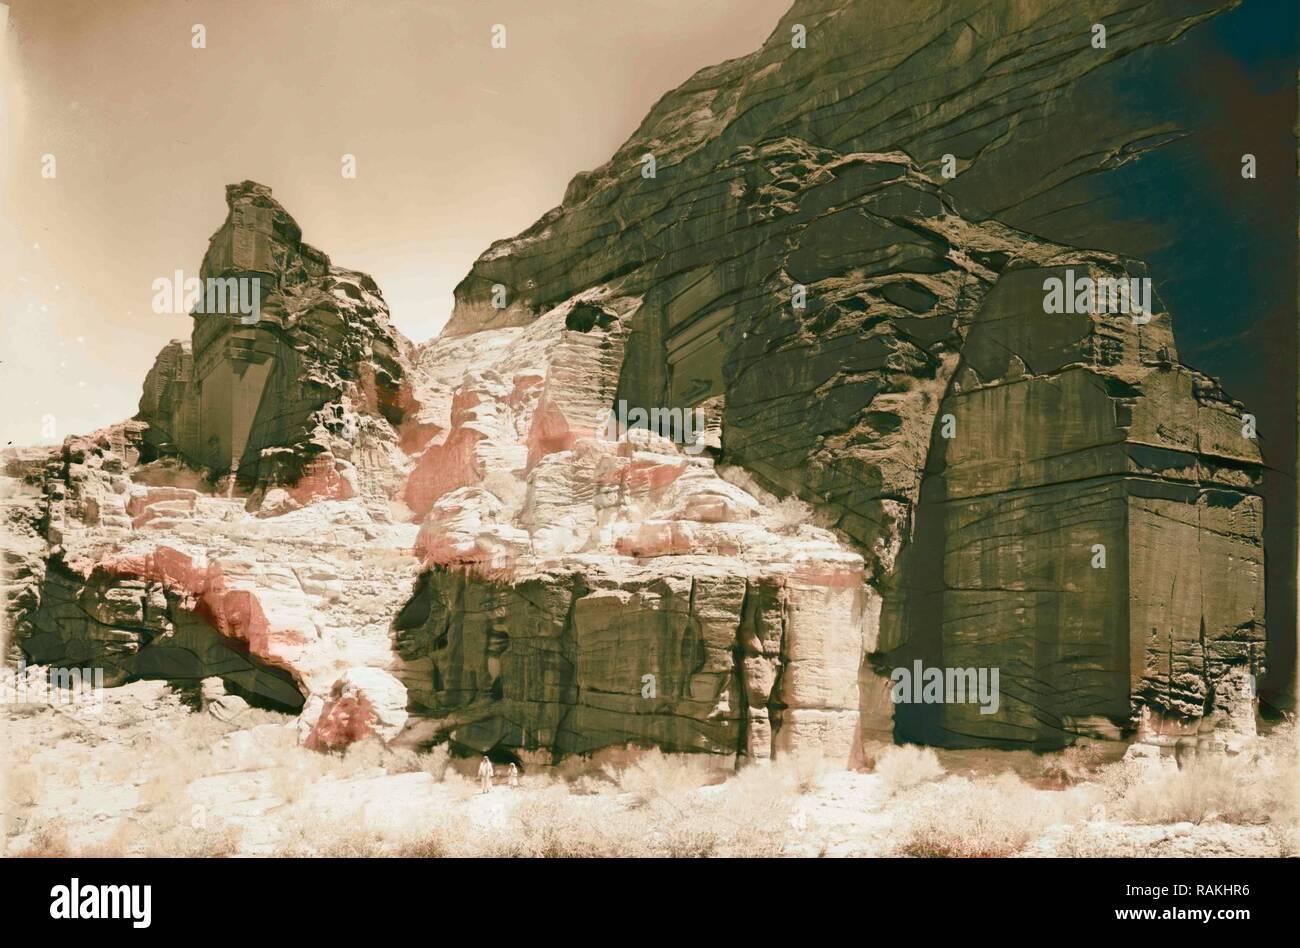 La Cisjordanie. Petra. Types de tombeau. Sik inférieur. 1898, Jordanie, Petra (éteint). Repensé par Gibon. L'art classique avec repensé Photo Stock